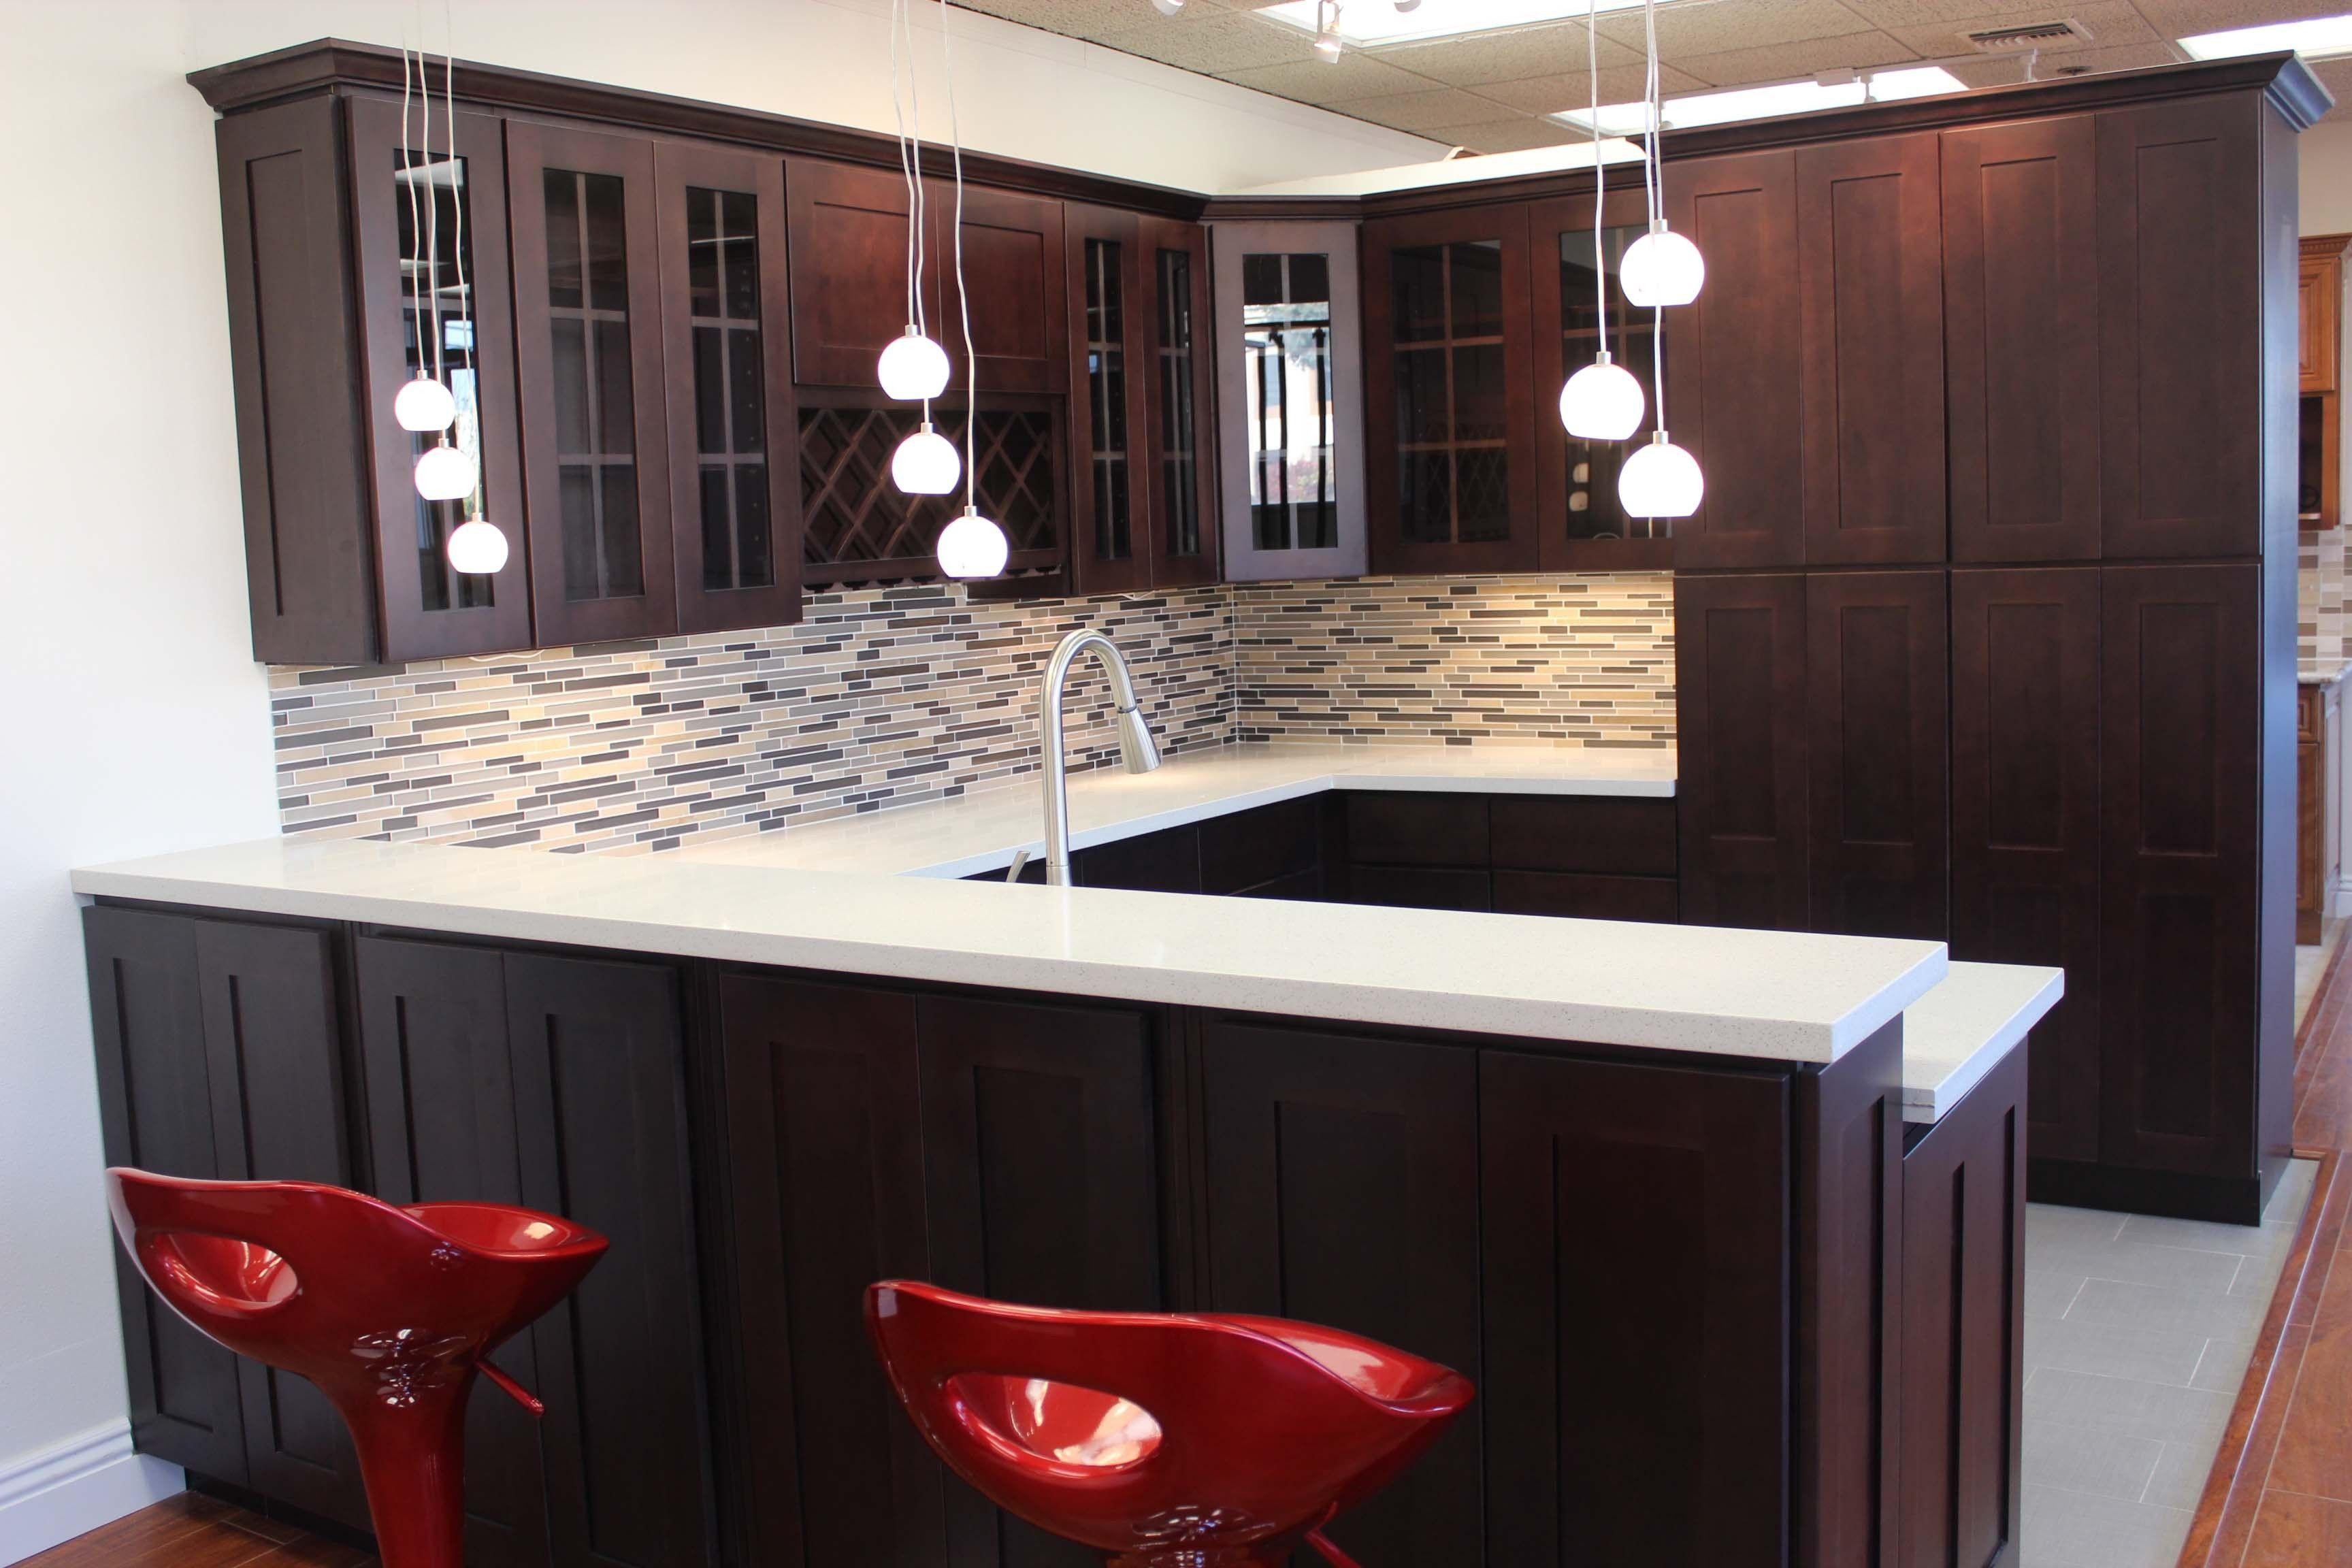 Kitchen Backsplash Ideas Espresso With Black White Glass Dark Espresso  Kitchen Cabinets Tile Backsplash Wholesale Color Of Kitchen Cabinets, ...